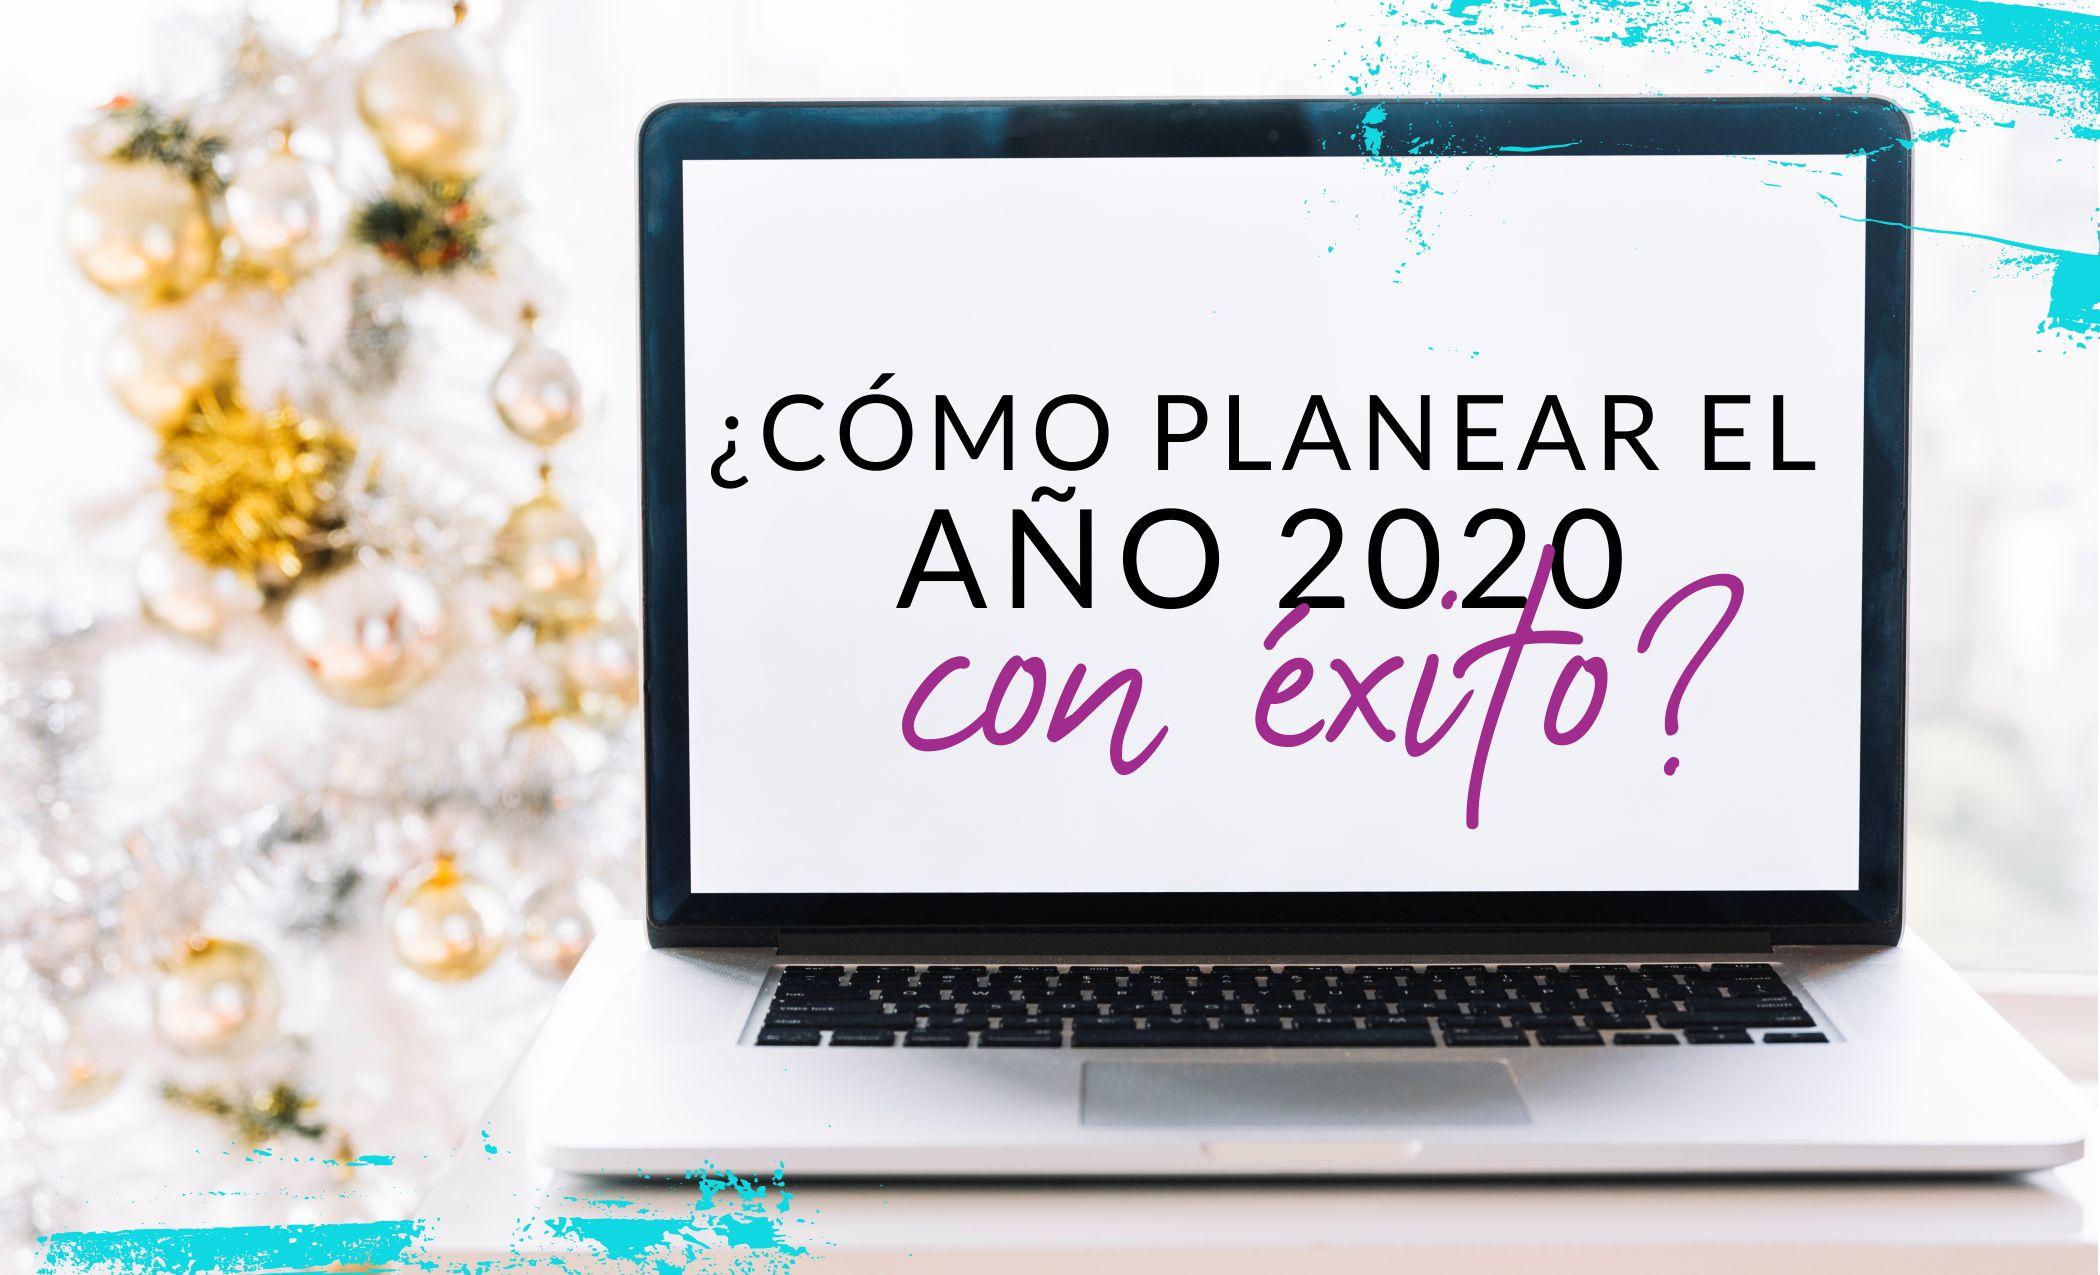 Episodio #36: ¿Cómo planear el año 2020 con éxito?